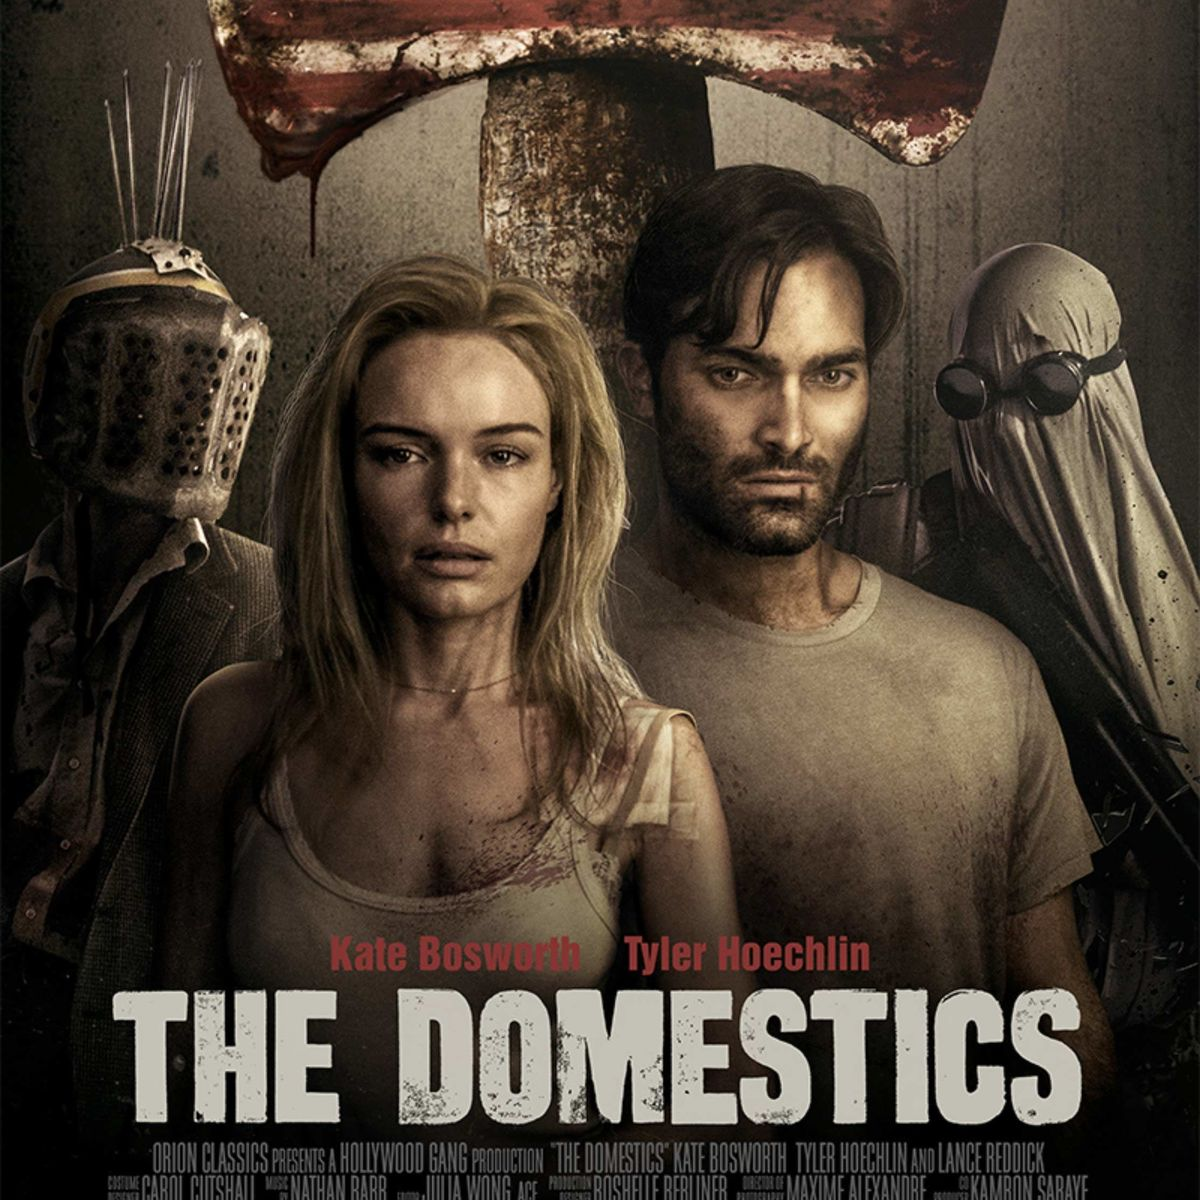 THE-DOMESTICS_POSTER